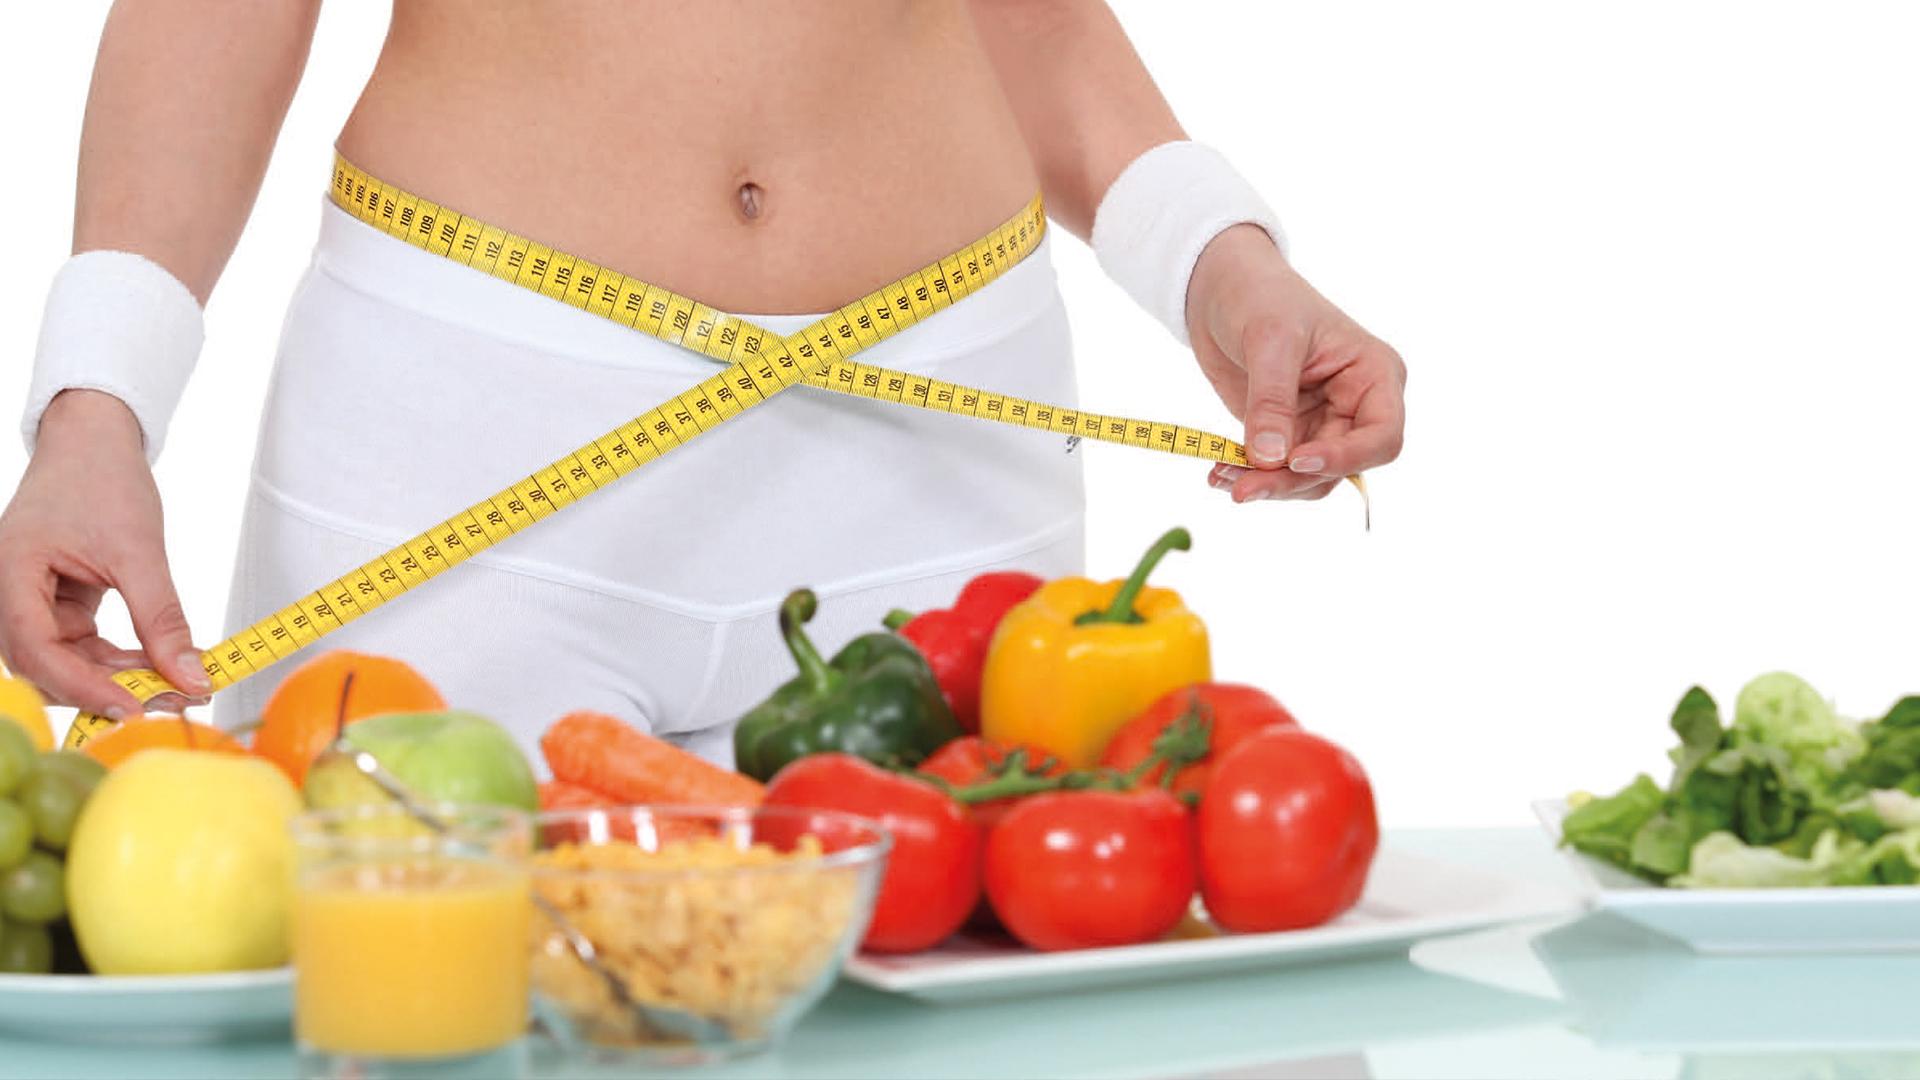 @Somos Cursos_Salud y Fitness